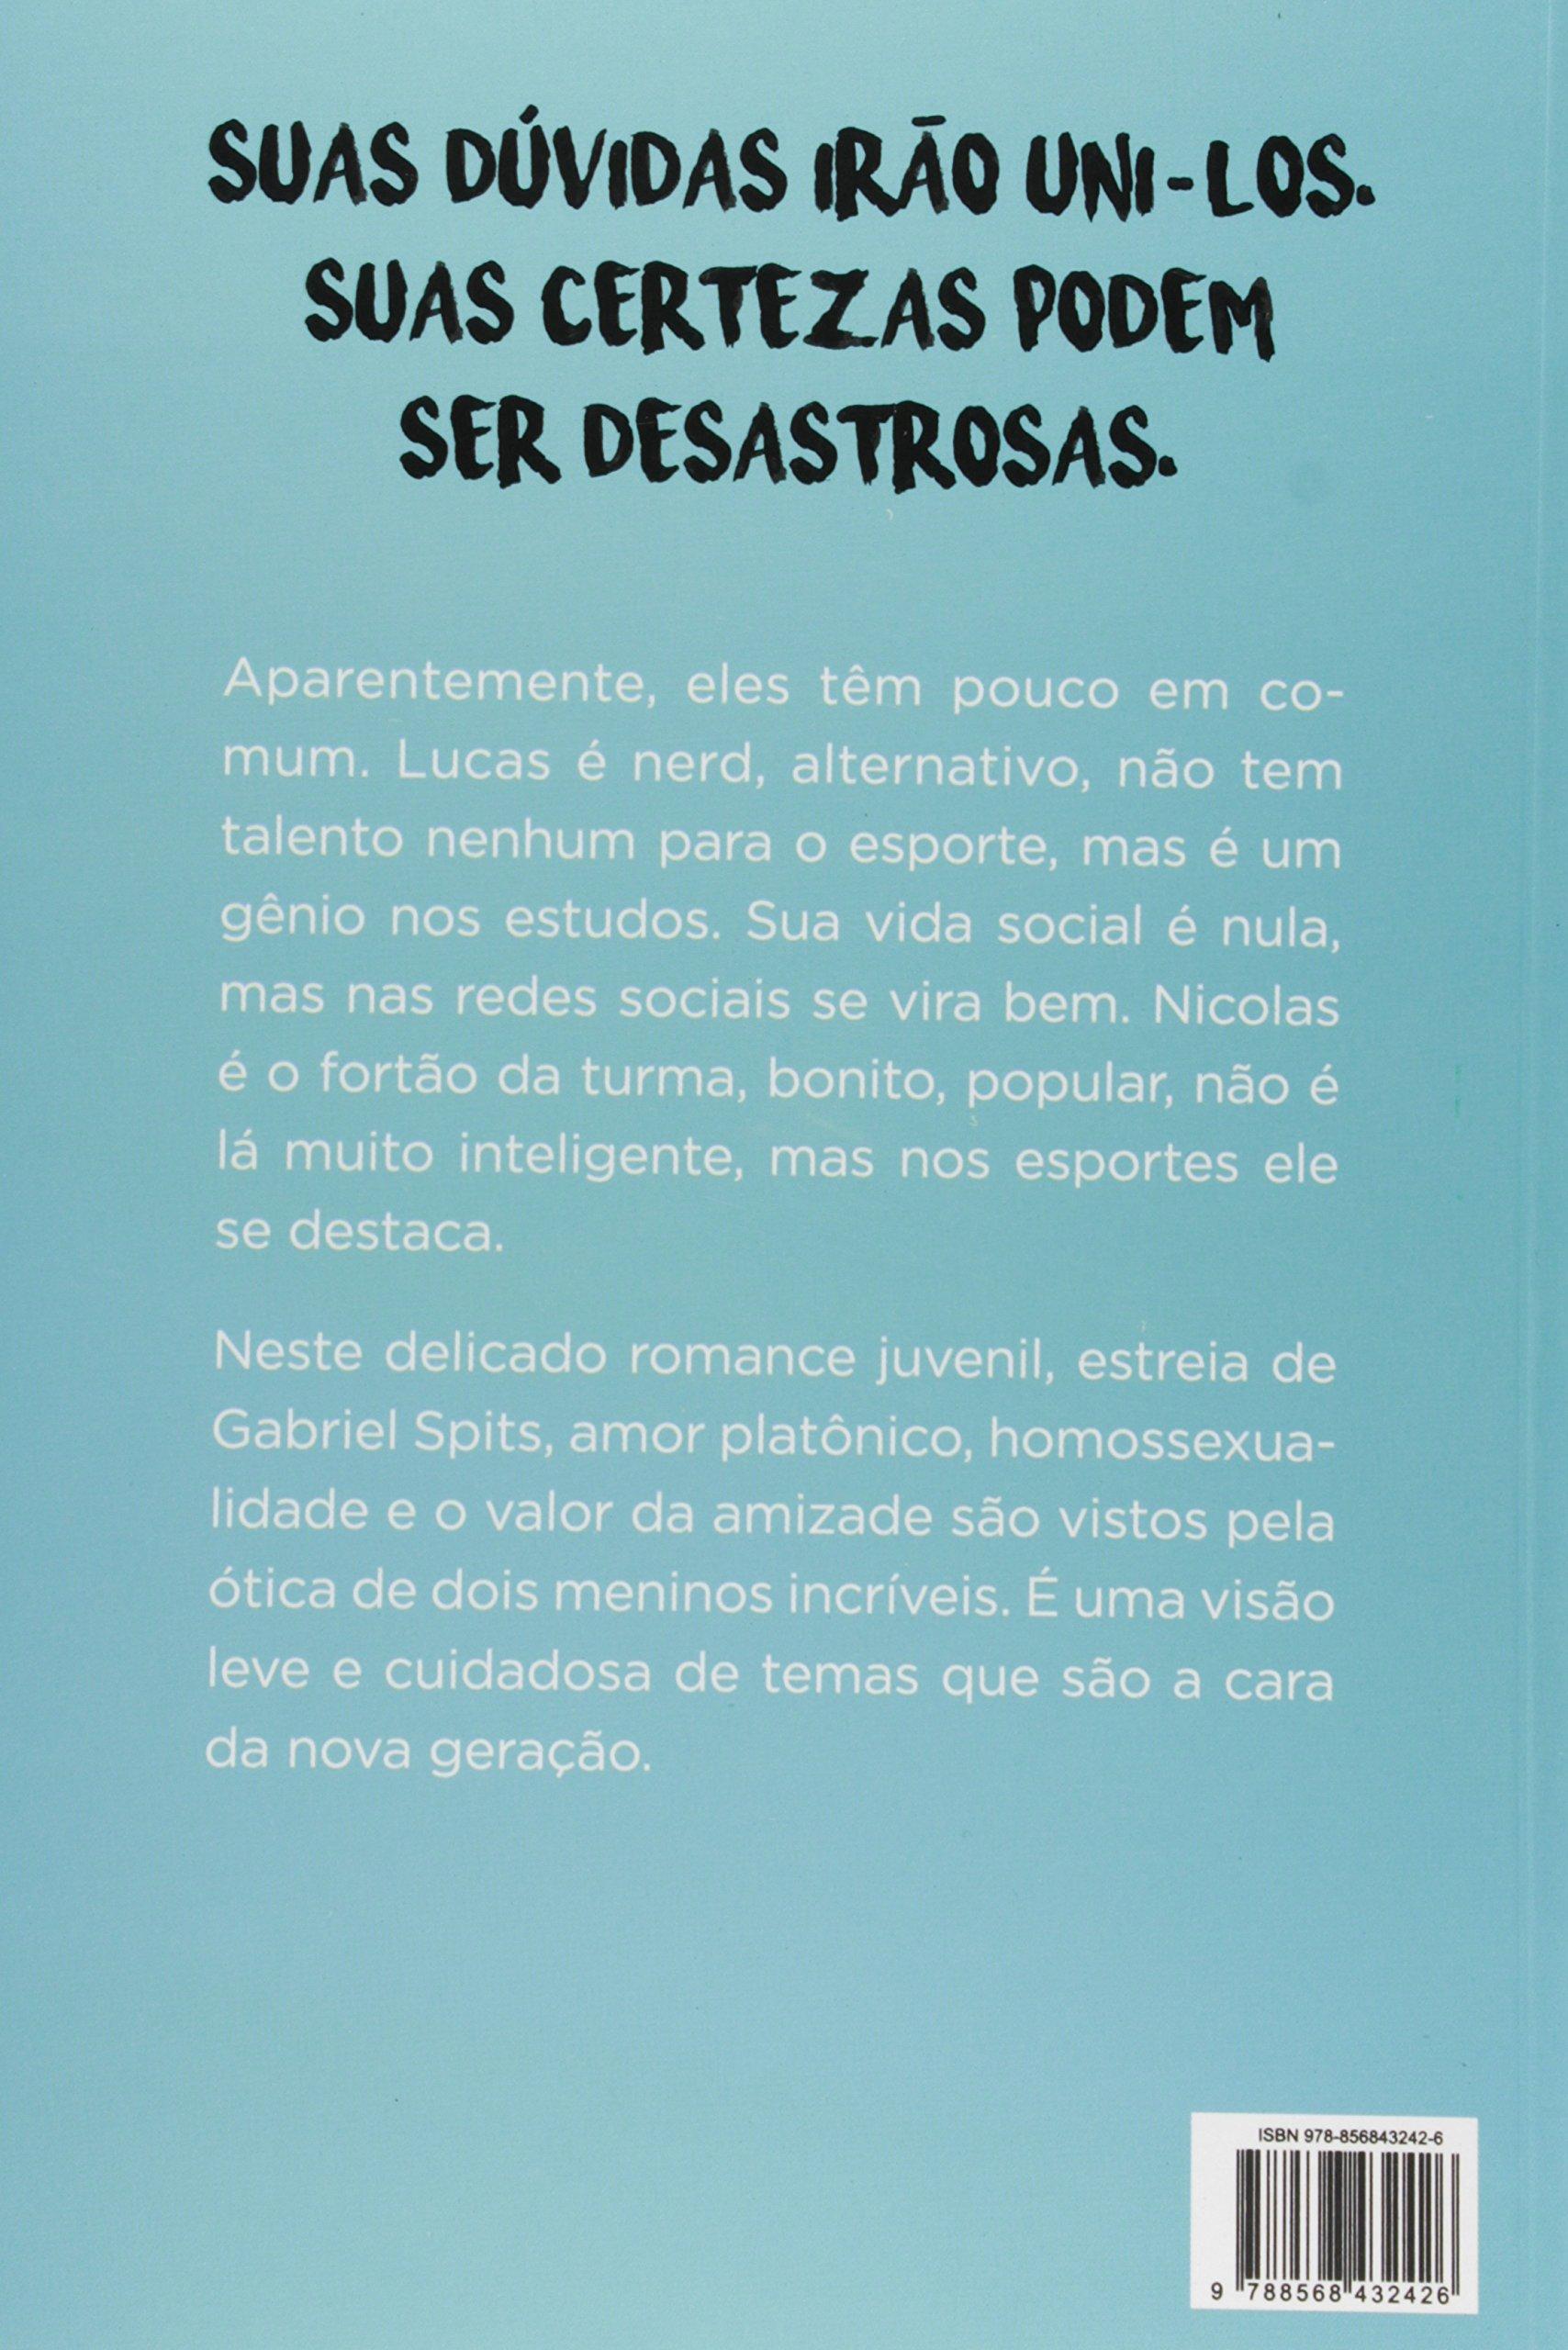 Lucas E Nicolas 9788568432426 Amazoncom Books